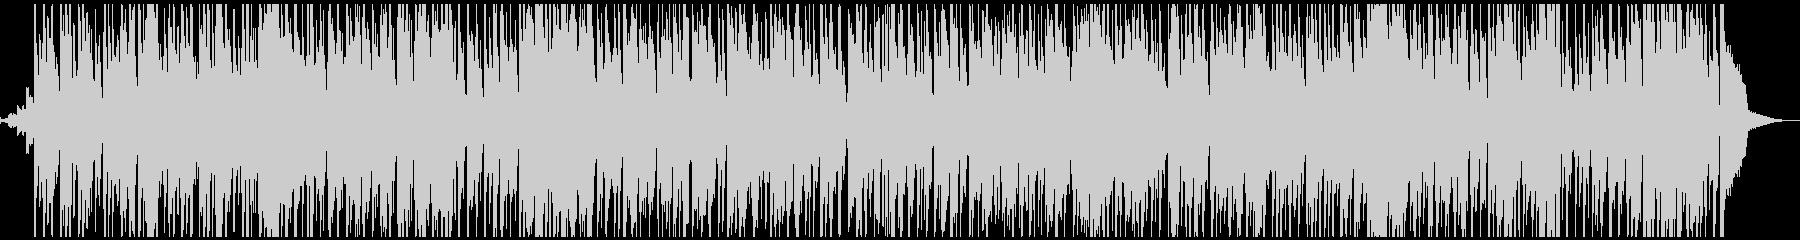 生演奏・ジングルベルビッグバンドアレンジの未再生の波形